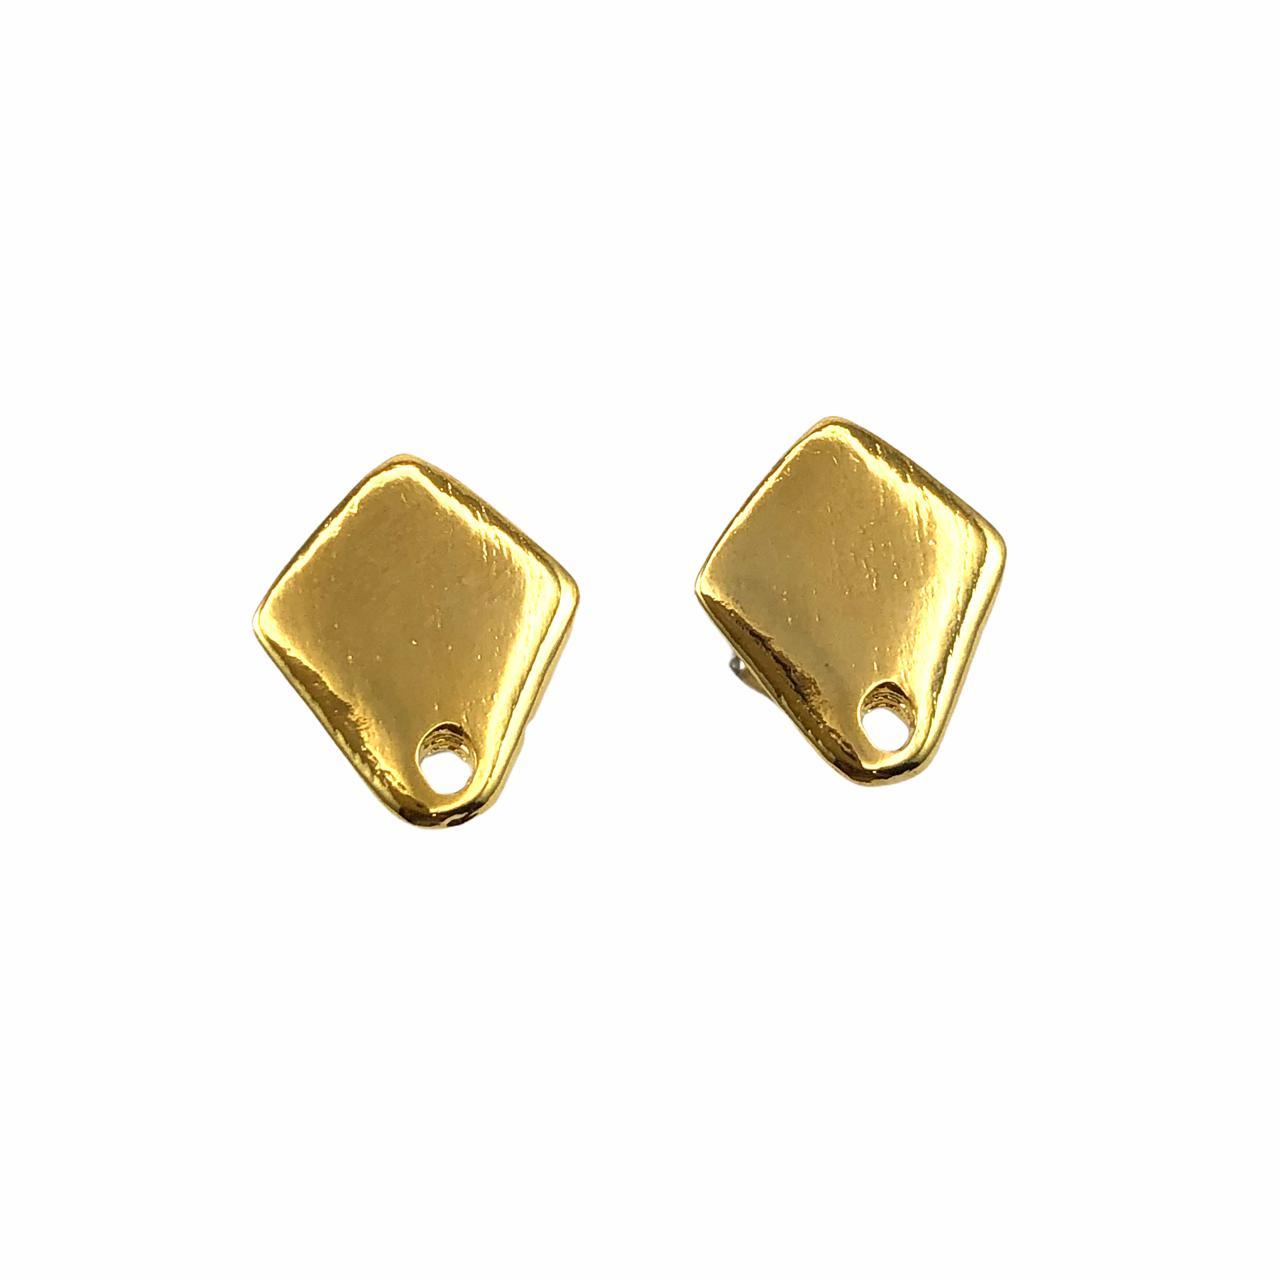 BP1655 - Base de Brinco Triangular Banhado Cor Dourado - 01Par